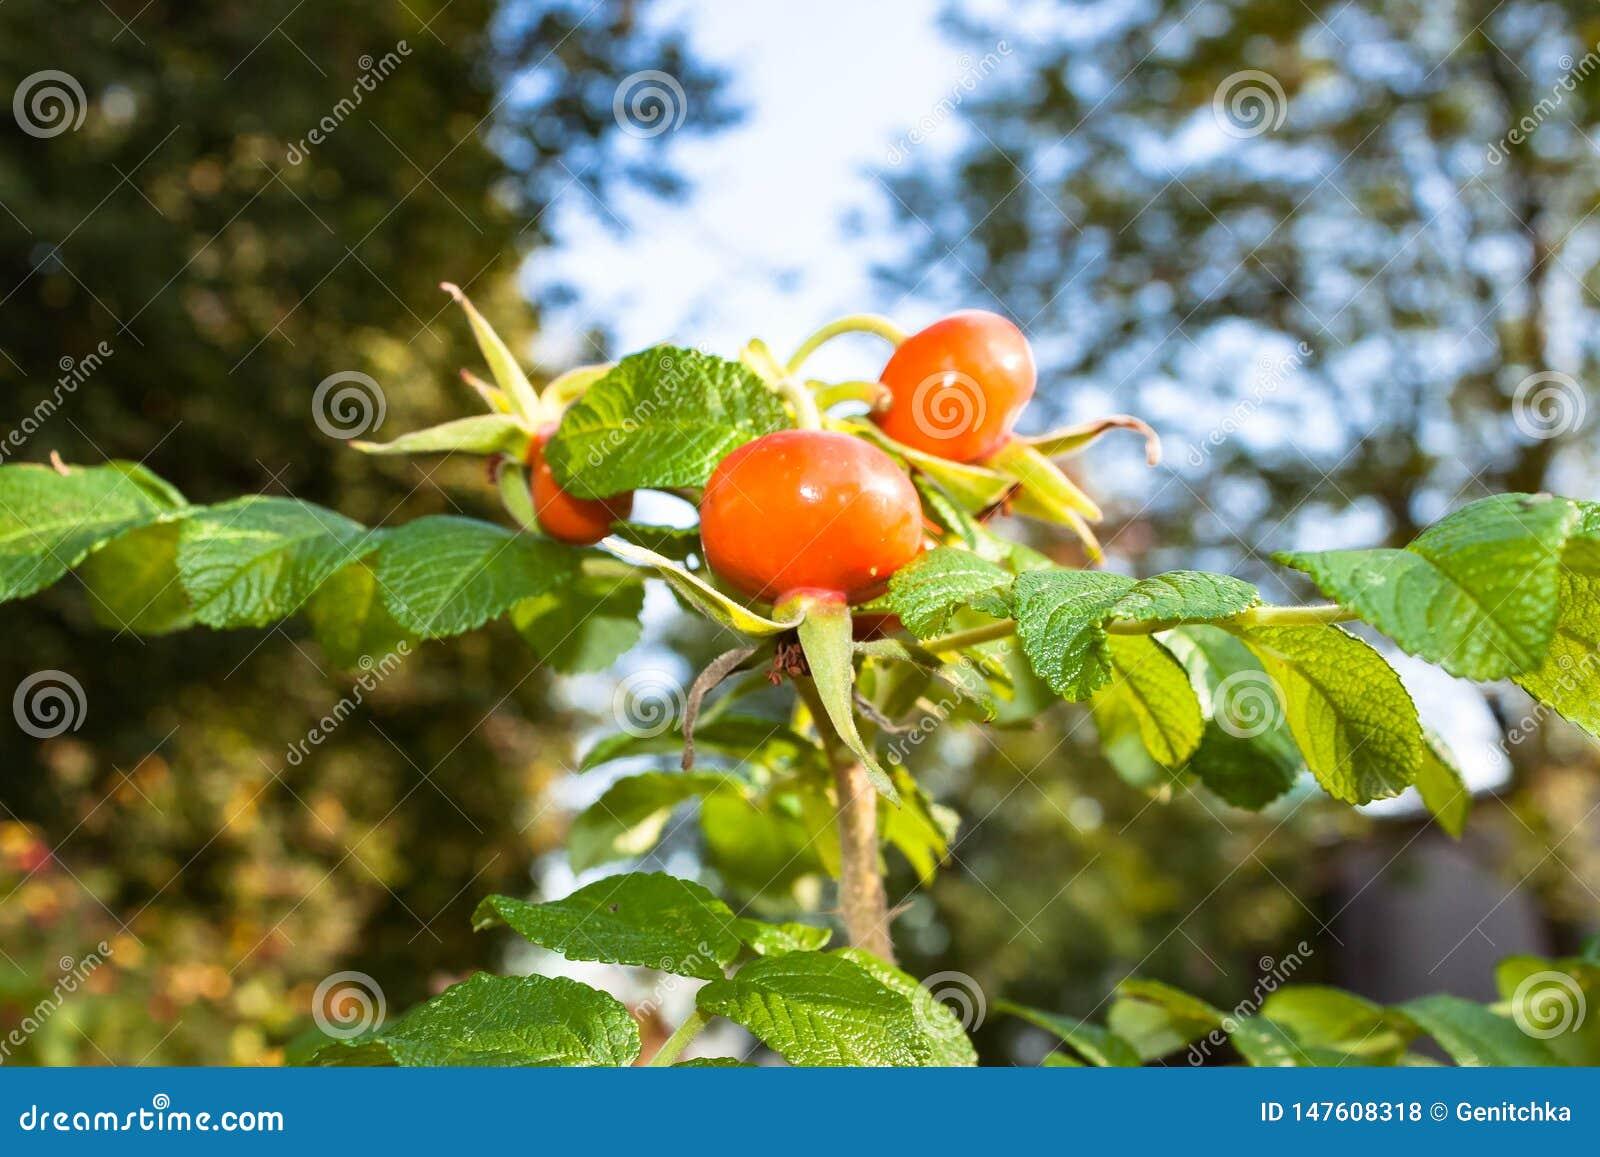 Lösa rosa höfter med den ljusa hunden steg bär eller frukter på naturbakgrund av blå himmel